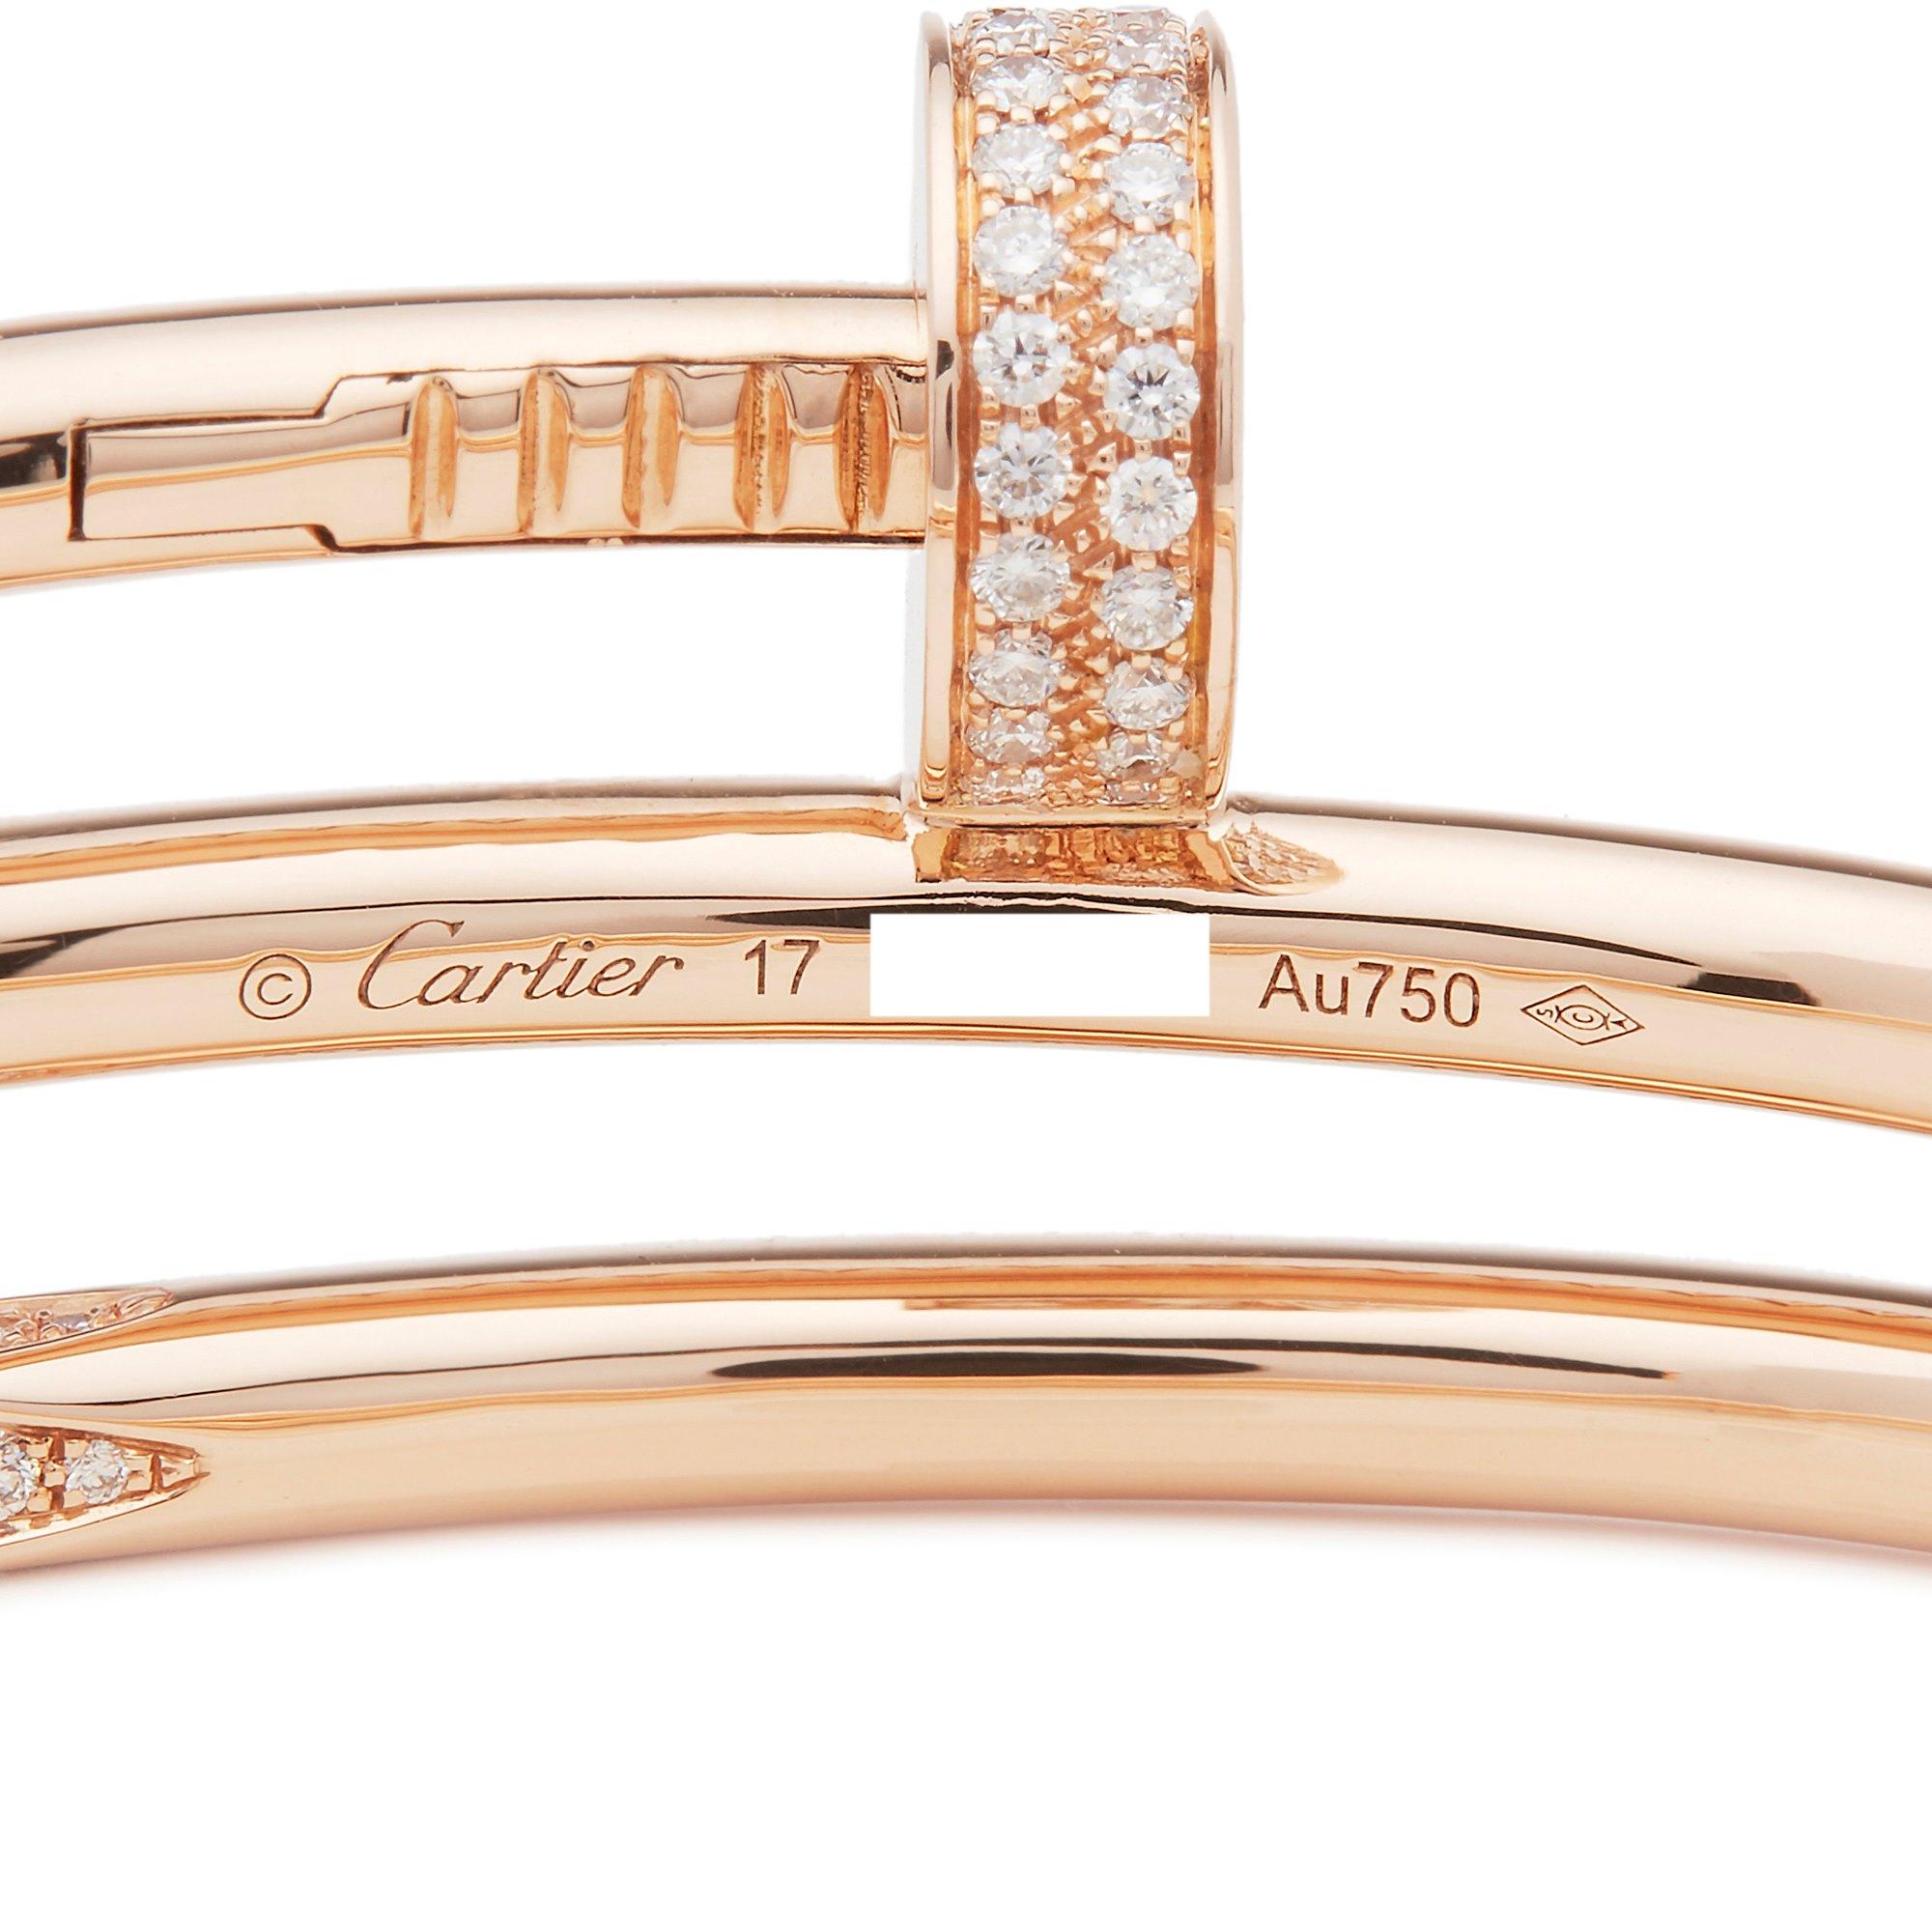 Cartier 18k Rose Gold Juste Un Clou Diamond Bracelet